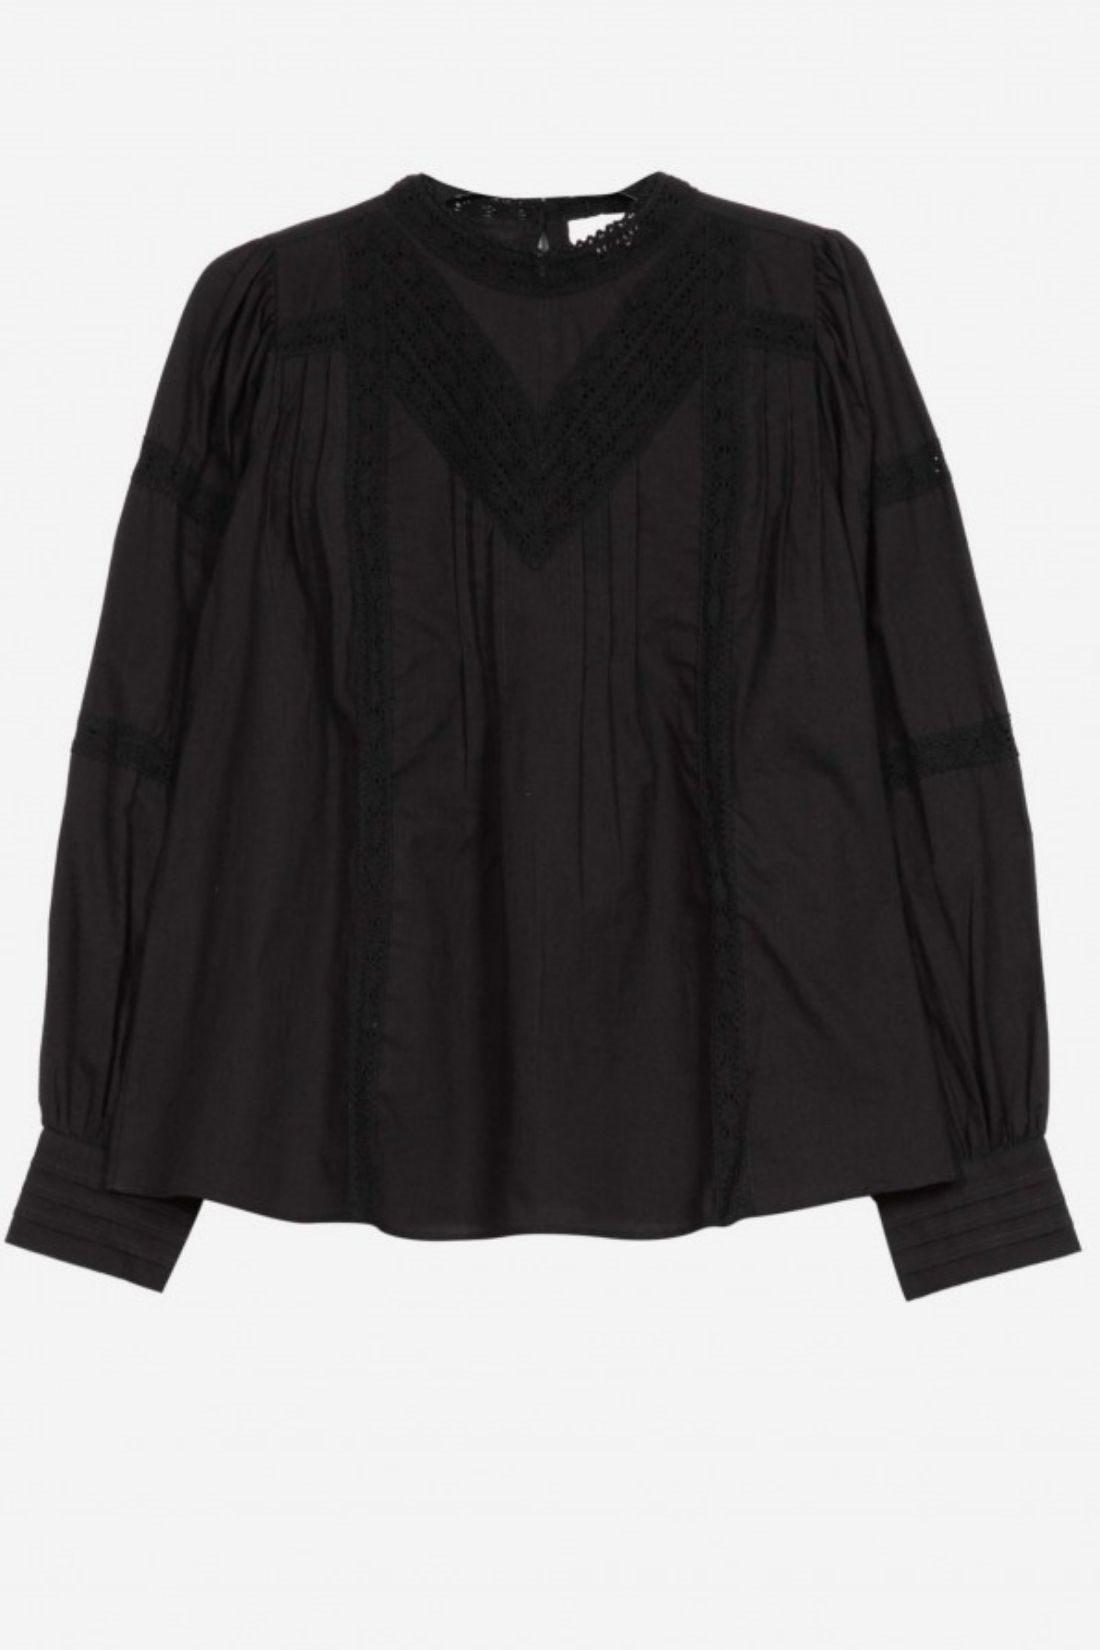 blouse sorelie